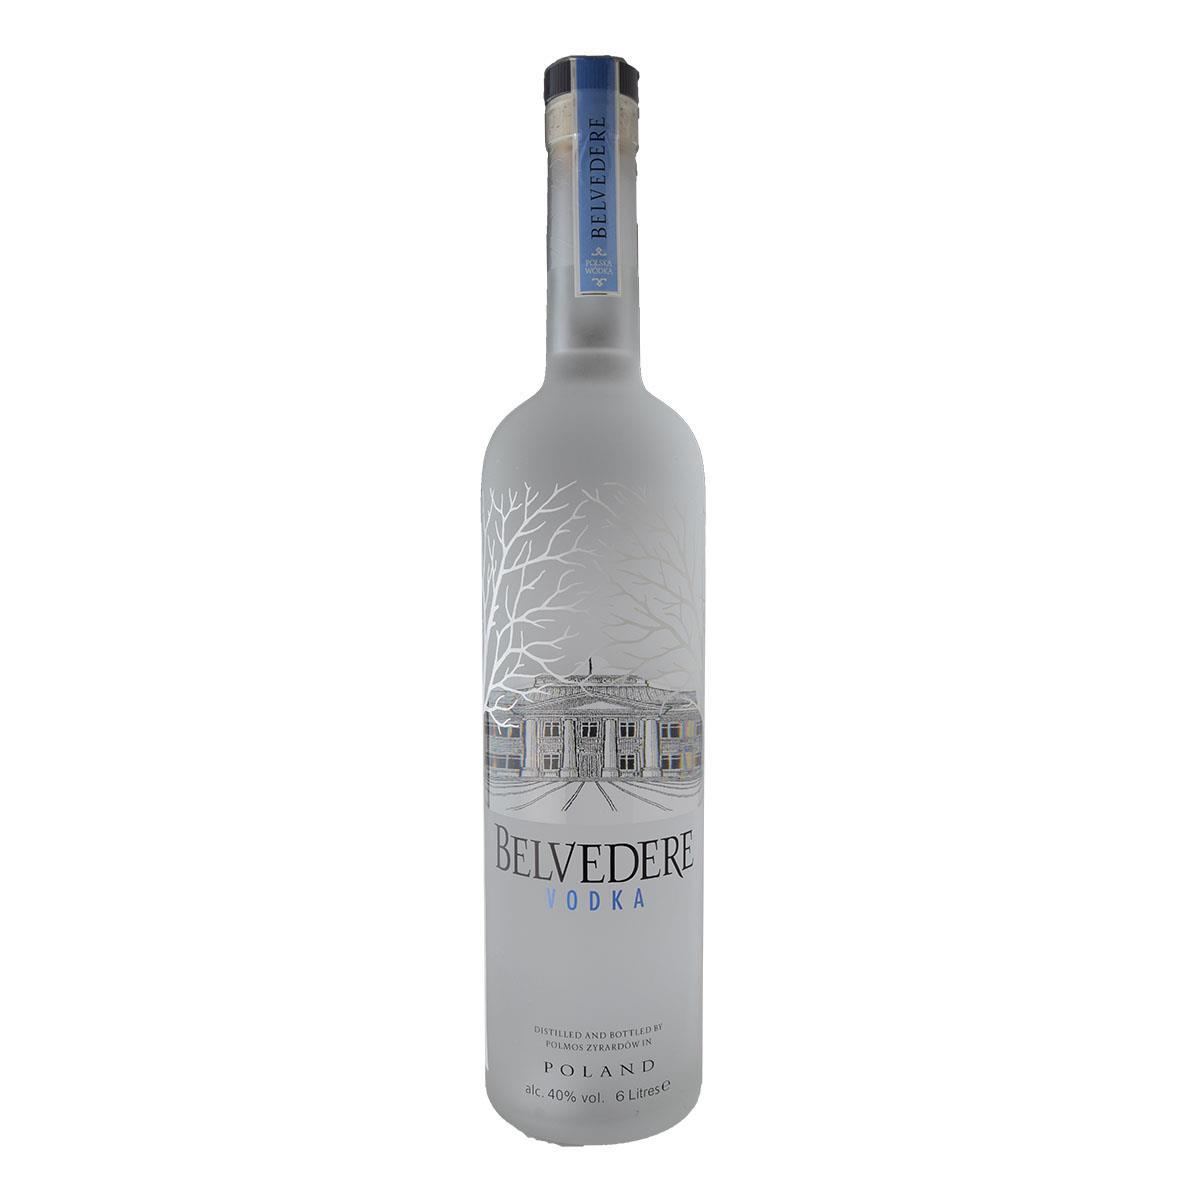 Belvedere Βότκα 6lt